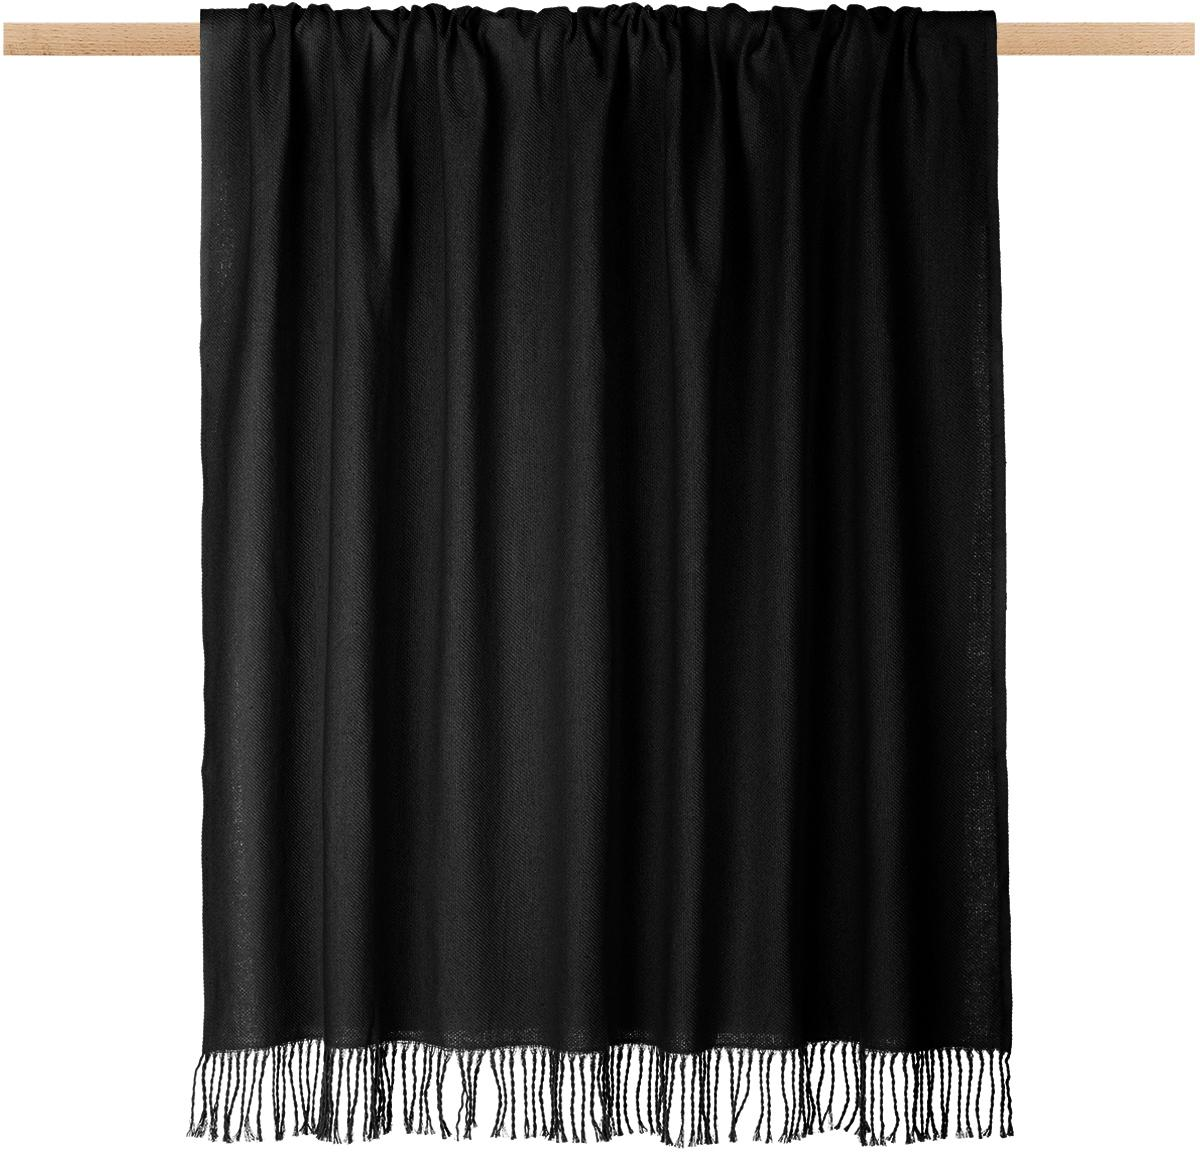 Einfarbiges Plaid Madison in Schwarz mit Fransenabschluss, 100% Baumwolle, Schwarz, 130 x 170 cm